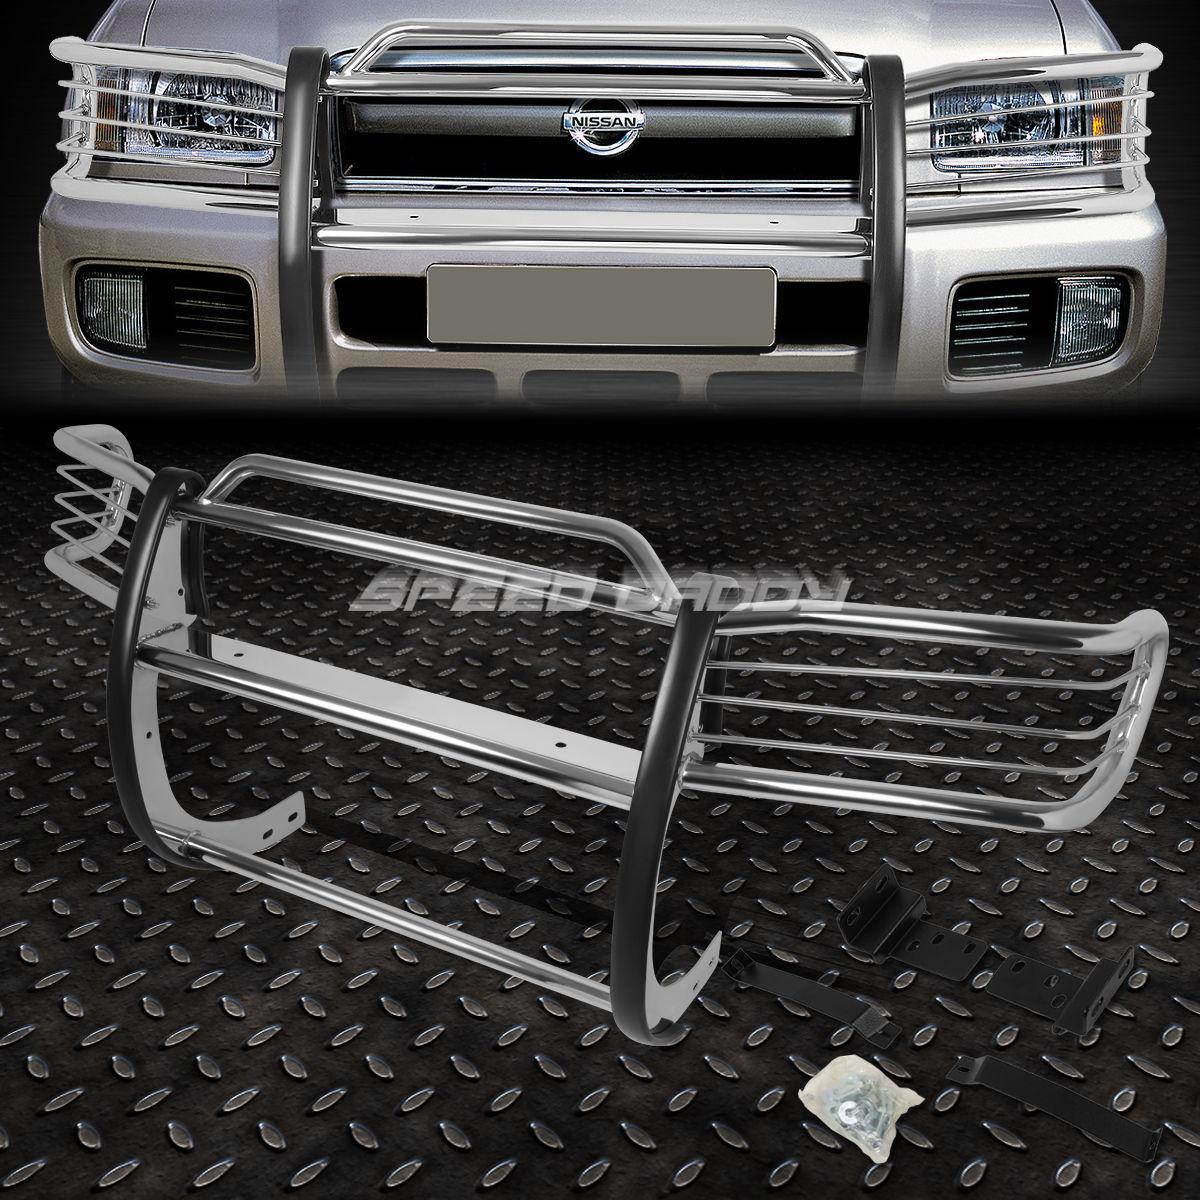 グリル NISSAN PATHFINDER SUVのためのステンレススチールフロントバンパーグリルガード CHROME STAINLESS STEEL FRONT BUMPER GRILL GUARD FOR 96-04 NISSAN PATHFINDER SUV